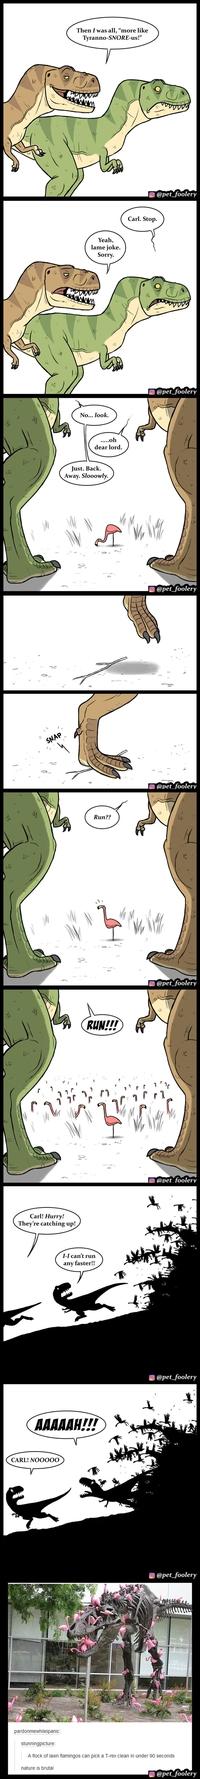 Une histoire de T-rex et de flamants roses